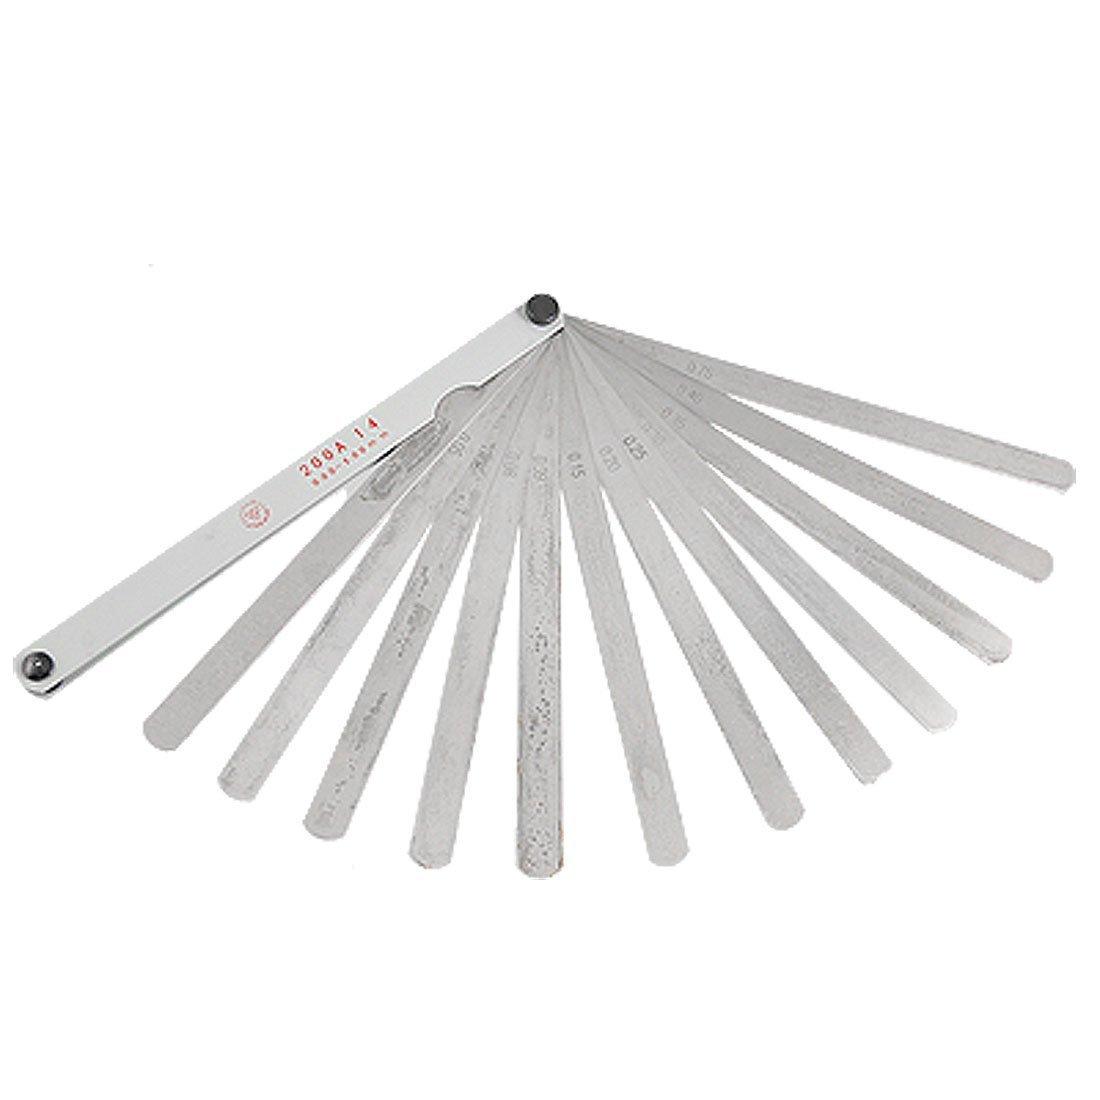 21, 5 cm Longueur 0, 05– 1 mm mé trique Gap jauge d'é paisseur Mesure Outil 5cm Longueur 0 05-1mm métrique Gap jauge d' épaisseur Mesure Outil Sourcingmap a11090500ux0032